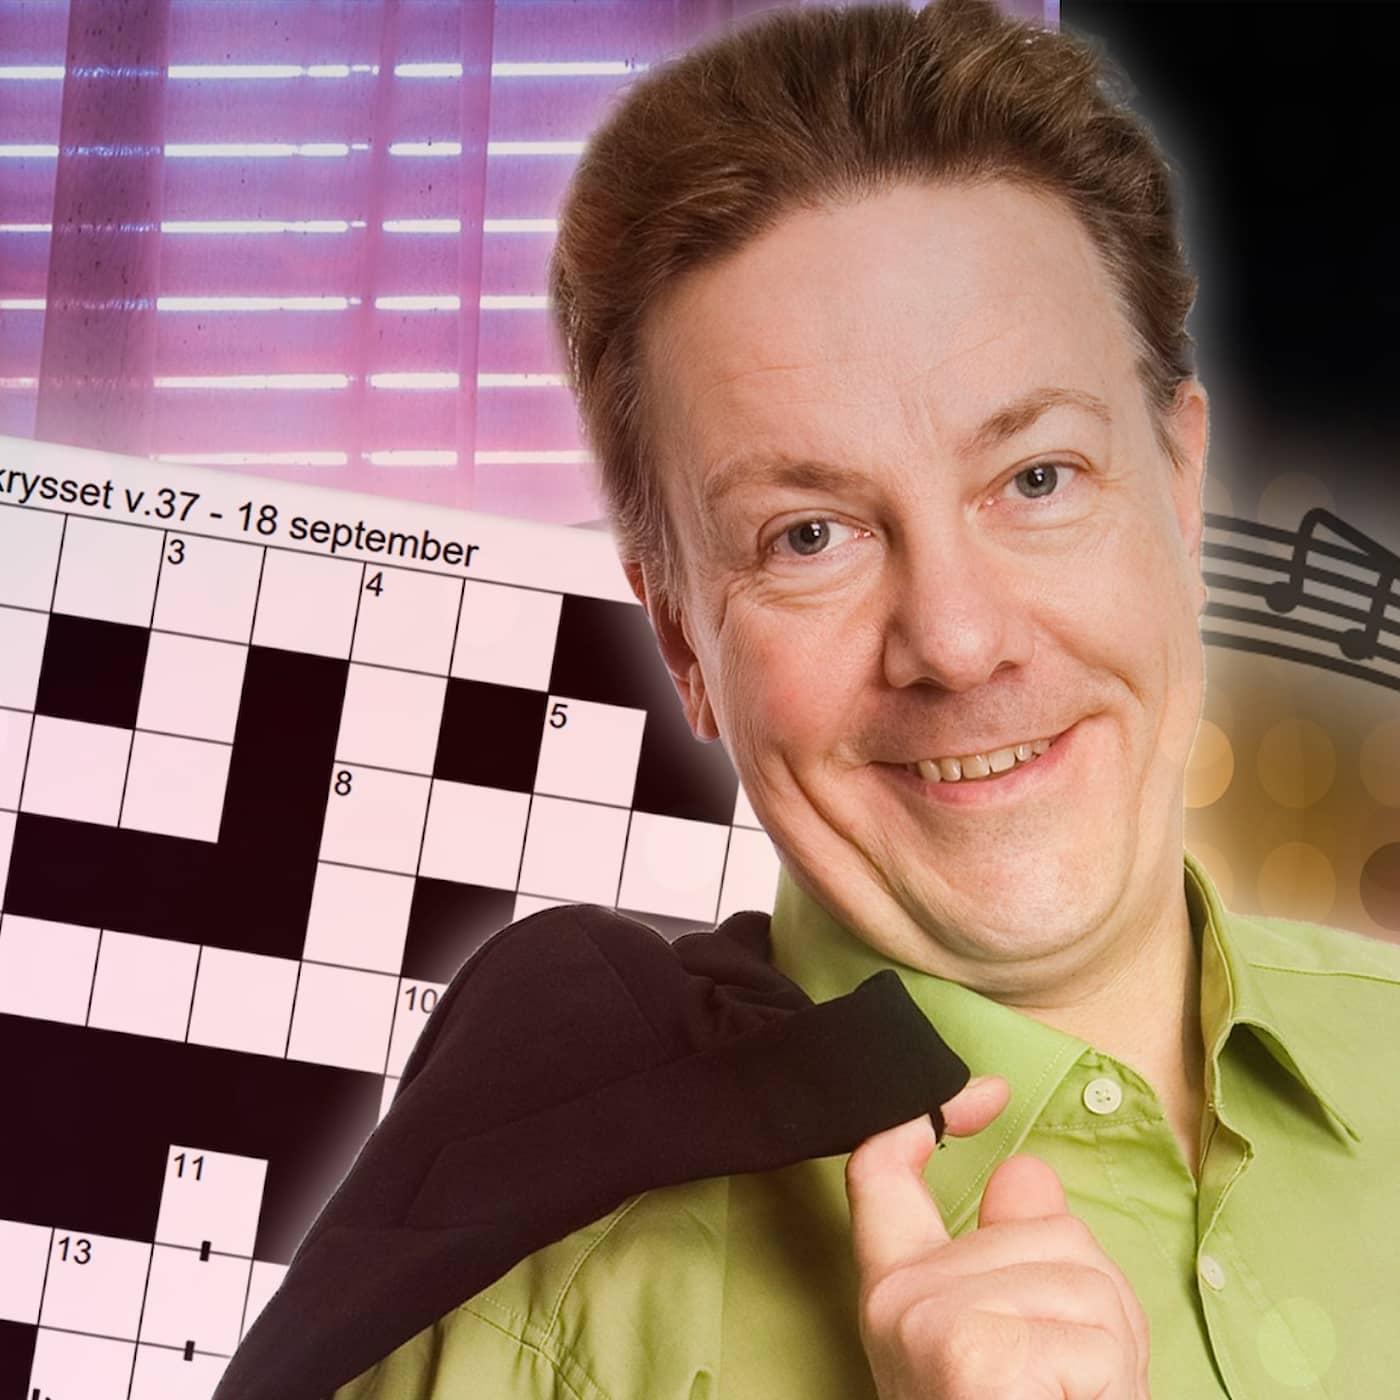 Melodikrysset vecka 37 – ett musikaliskt korsord med Anders Eldeman